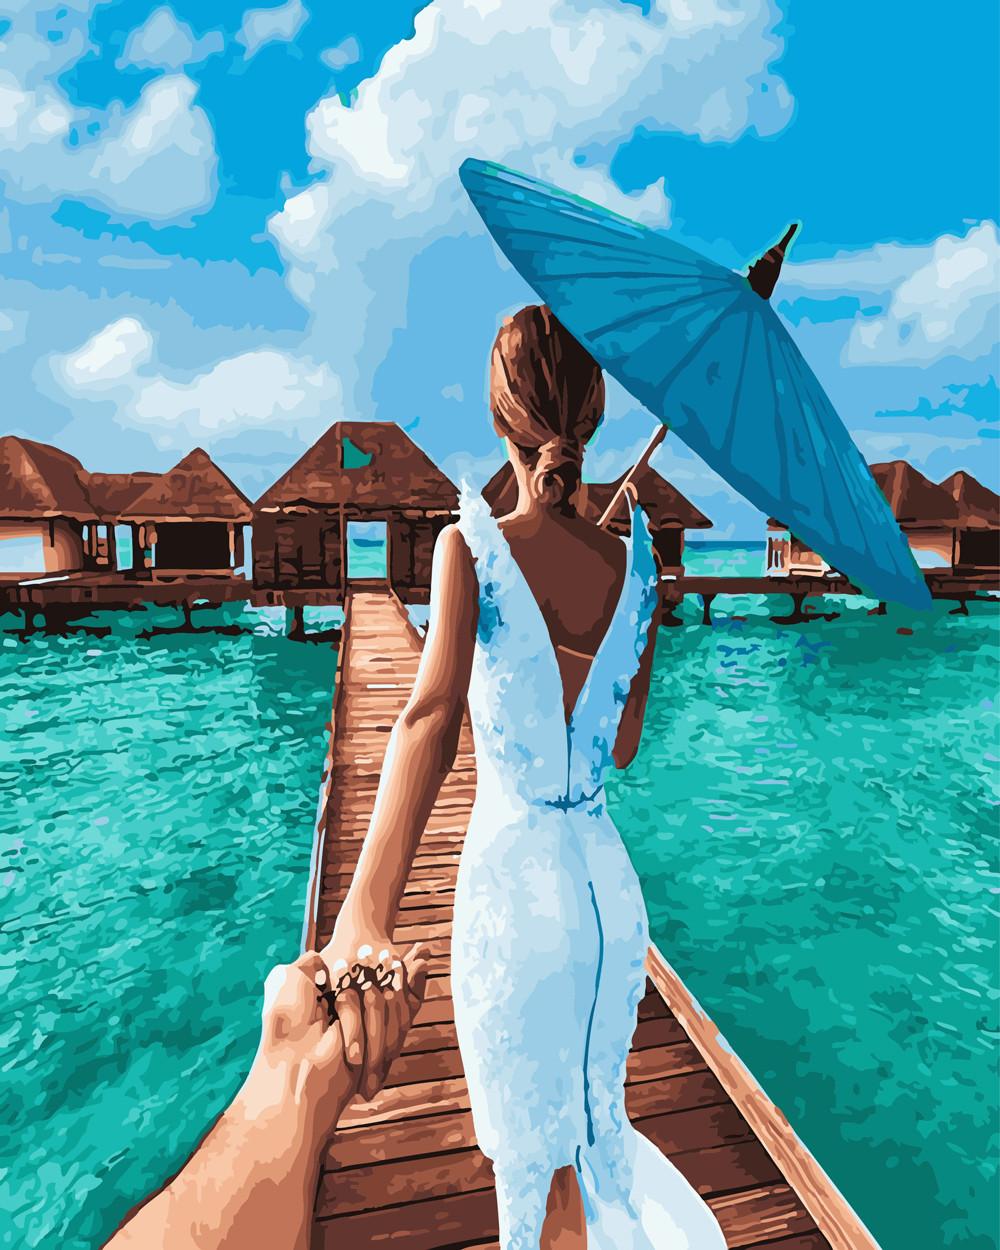 Картина по номерам Следуй за мной Мальдивы 40 х 50 см (BK-GX24483)